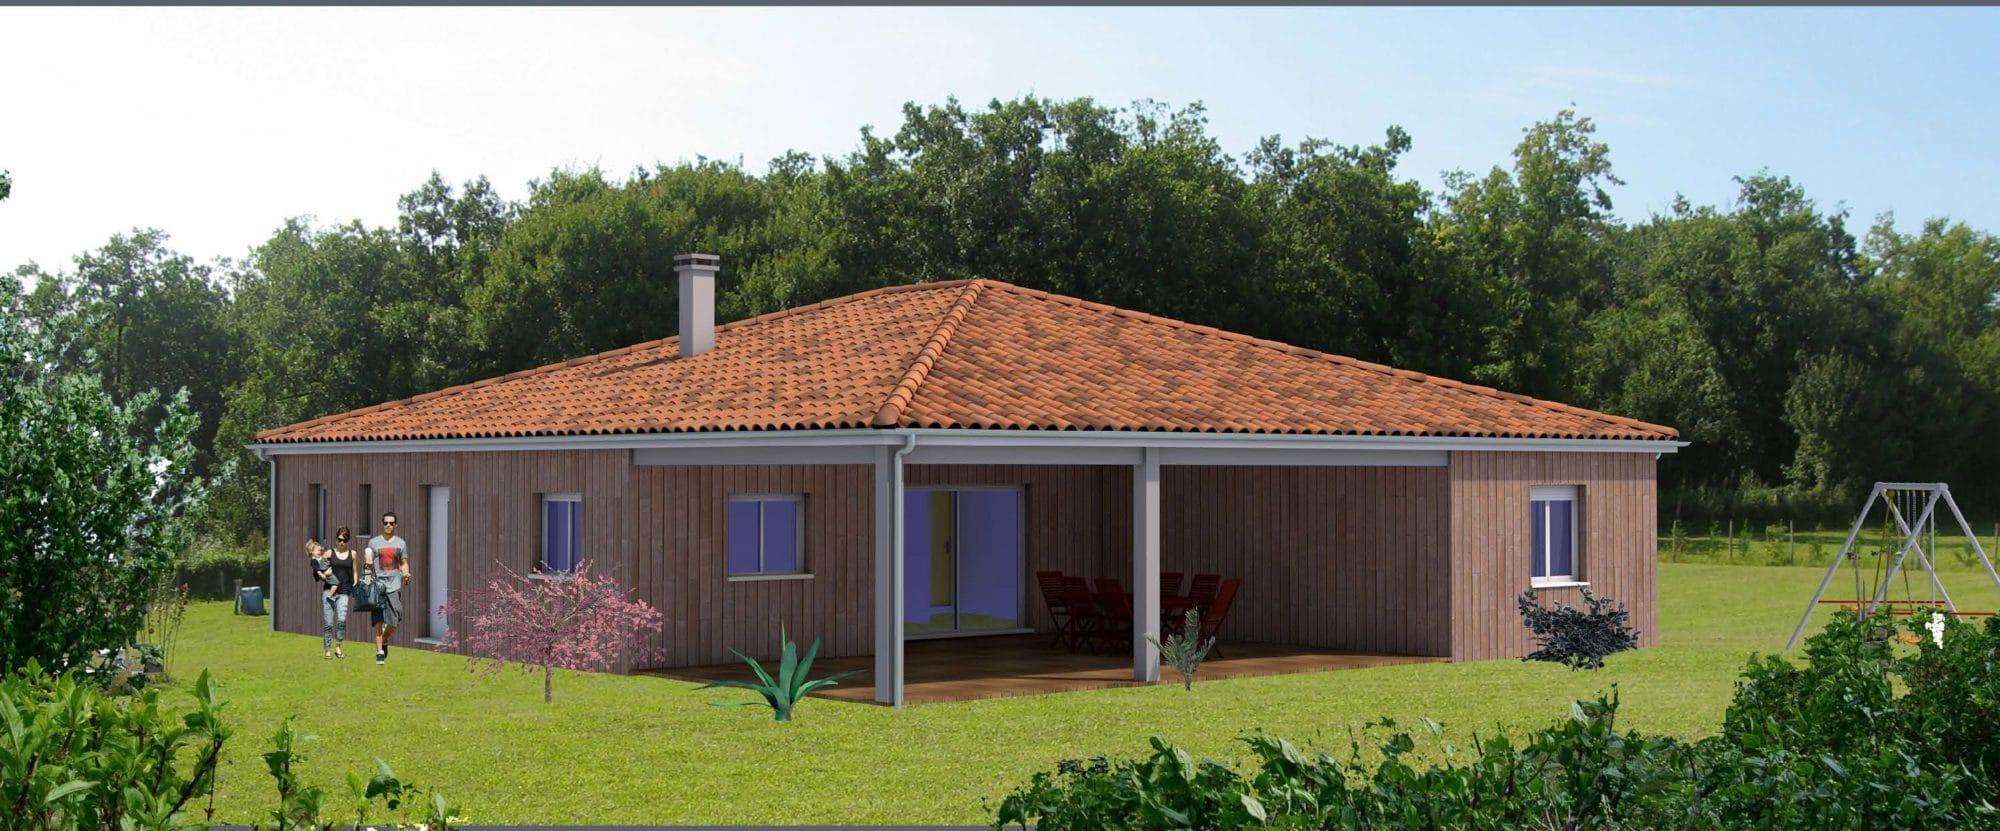 maison en bois habitable with maison en bois habitable bureau de jardin dependance de maison. Black Bedroom Furniture Sets. Home Design Ideas